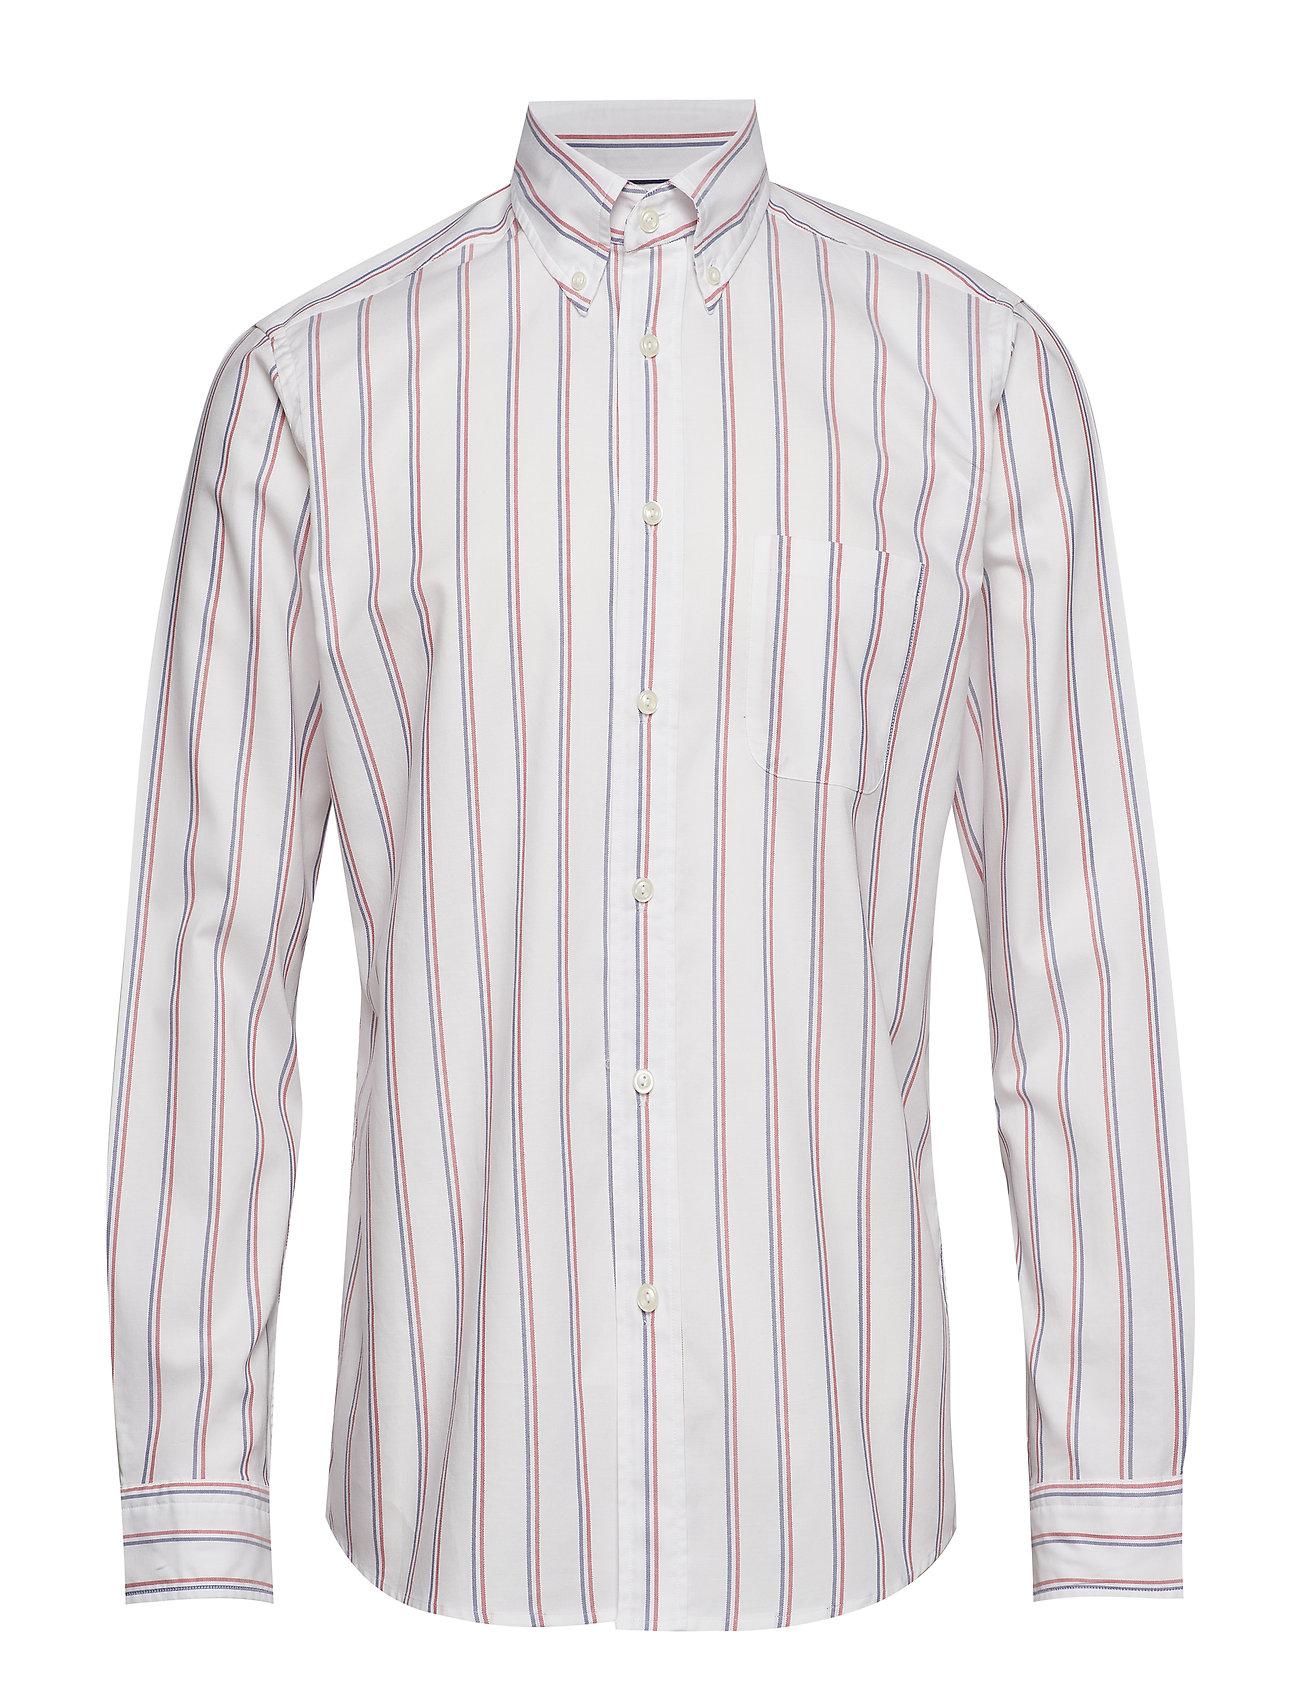 Eton Red Striped Short Sleeve Shirt - PINK/RED